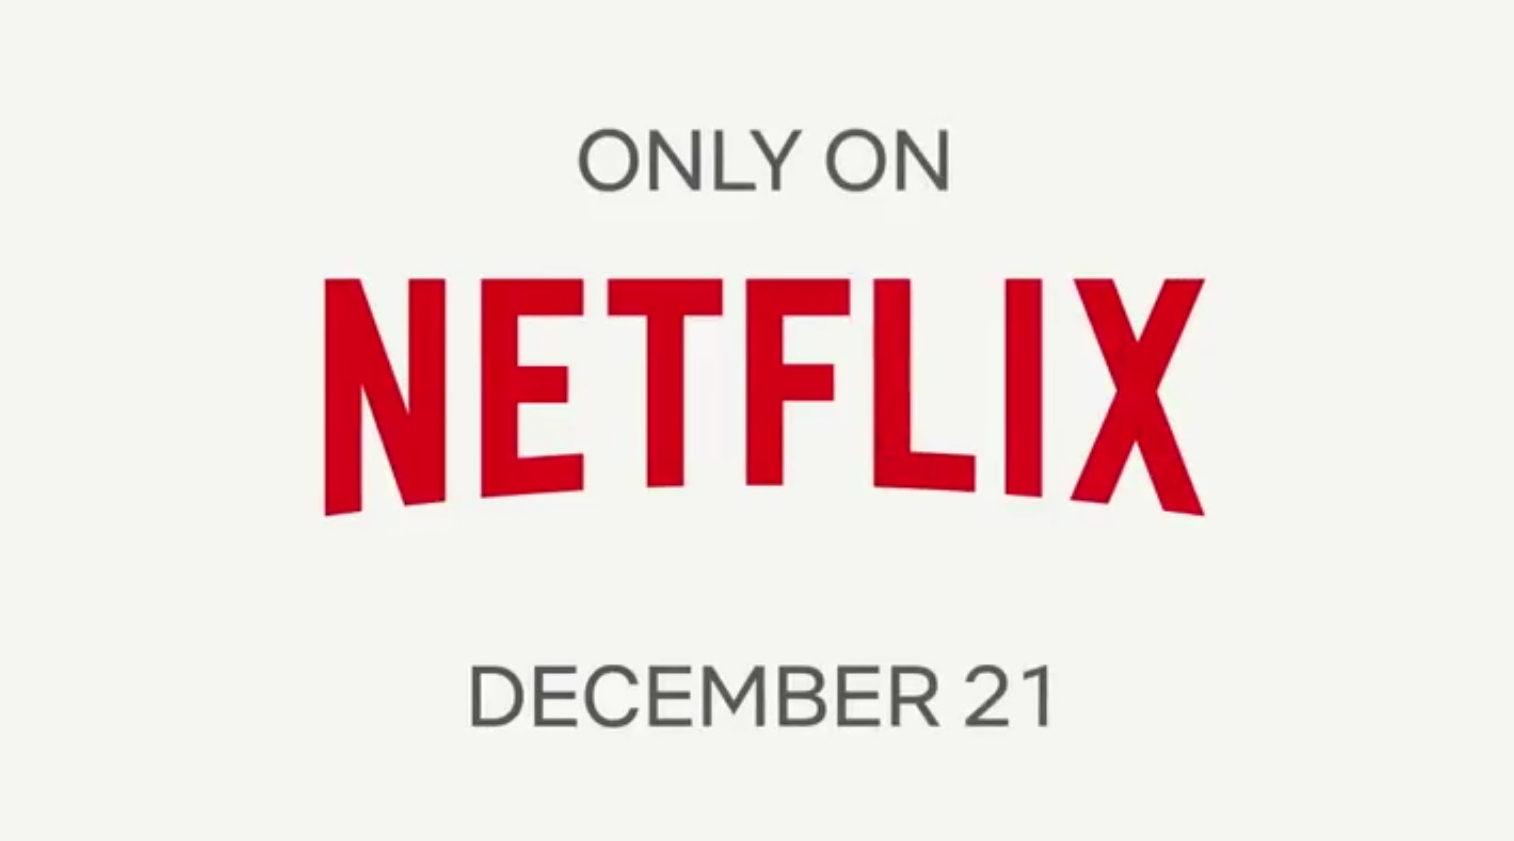 CHANEL sur Netflix 7 days out Esprit de Gabrielle espritdegabrielle.com